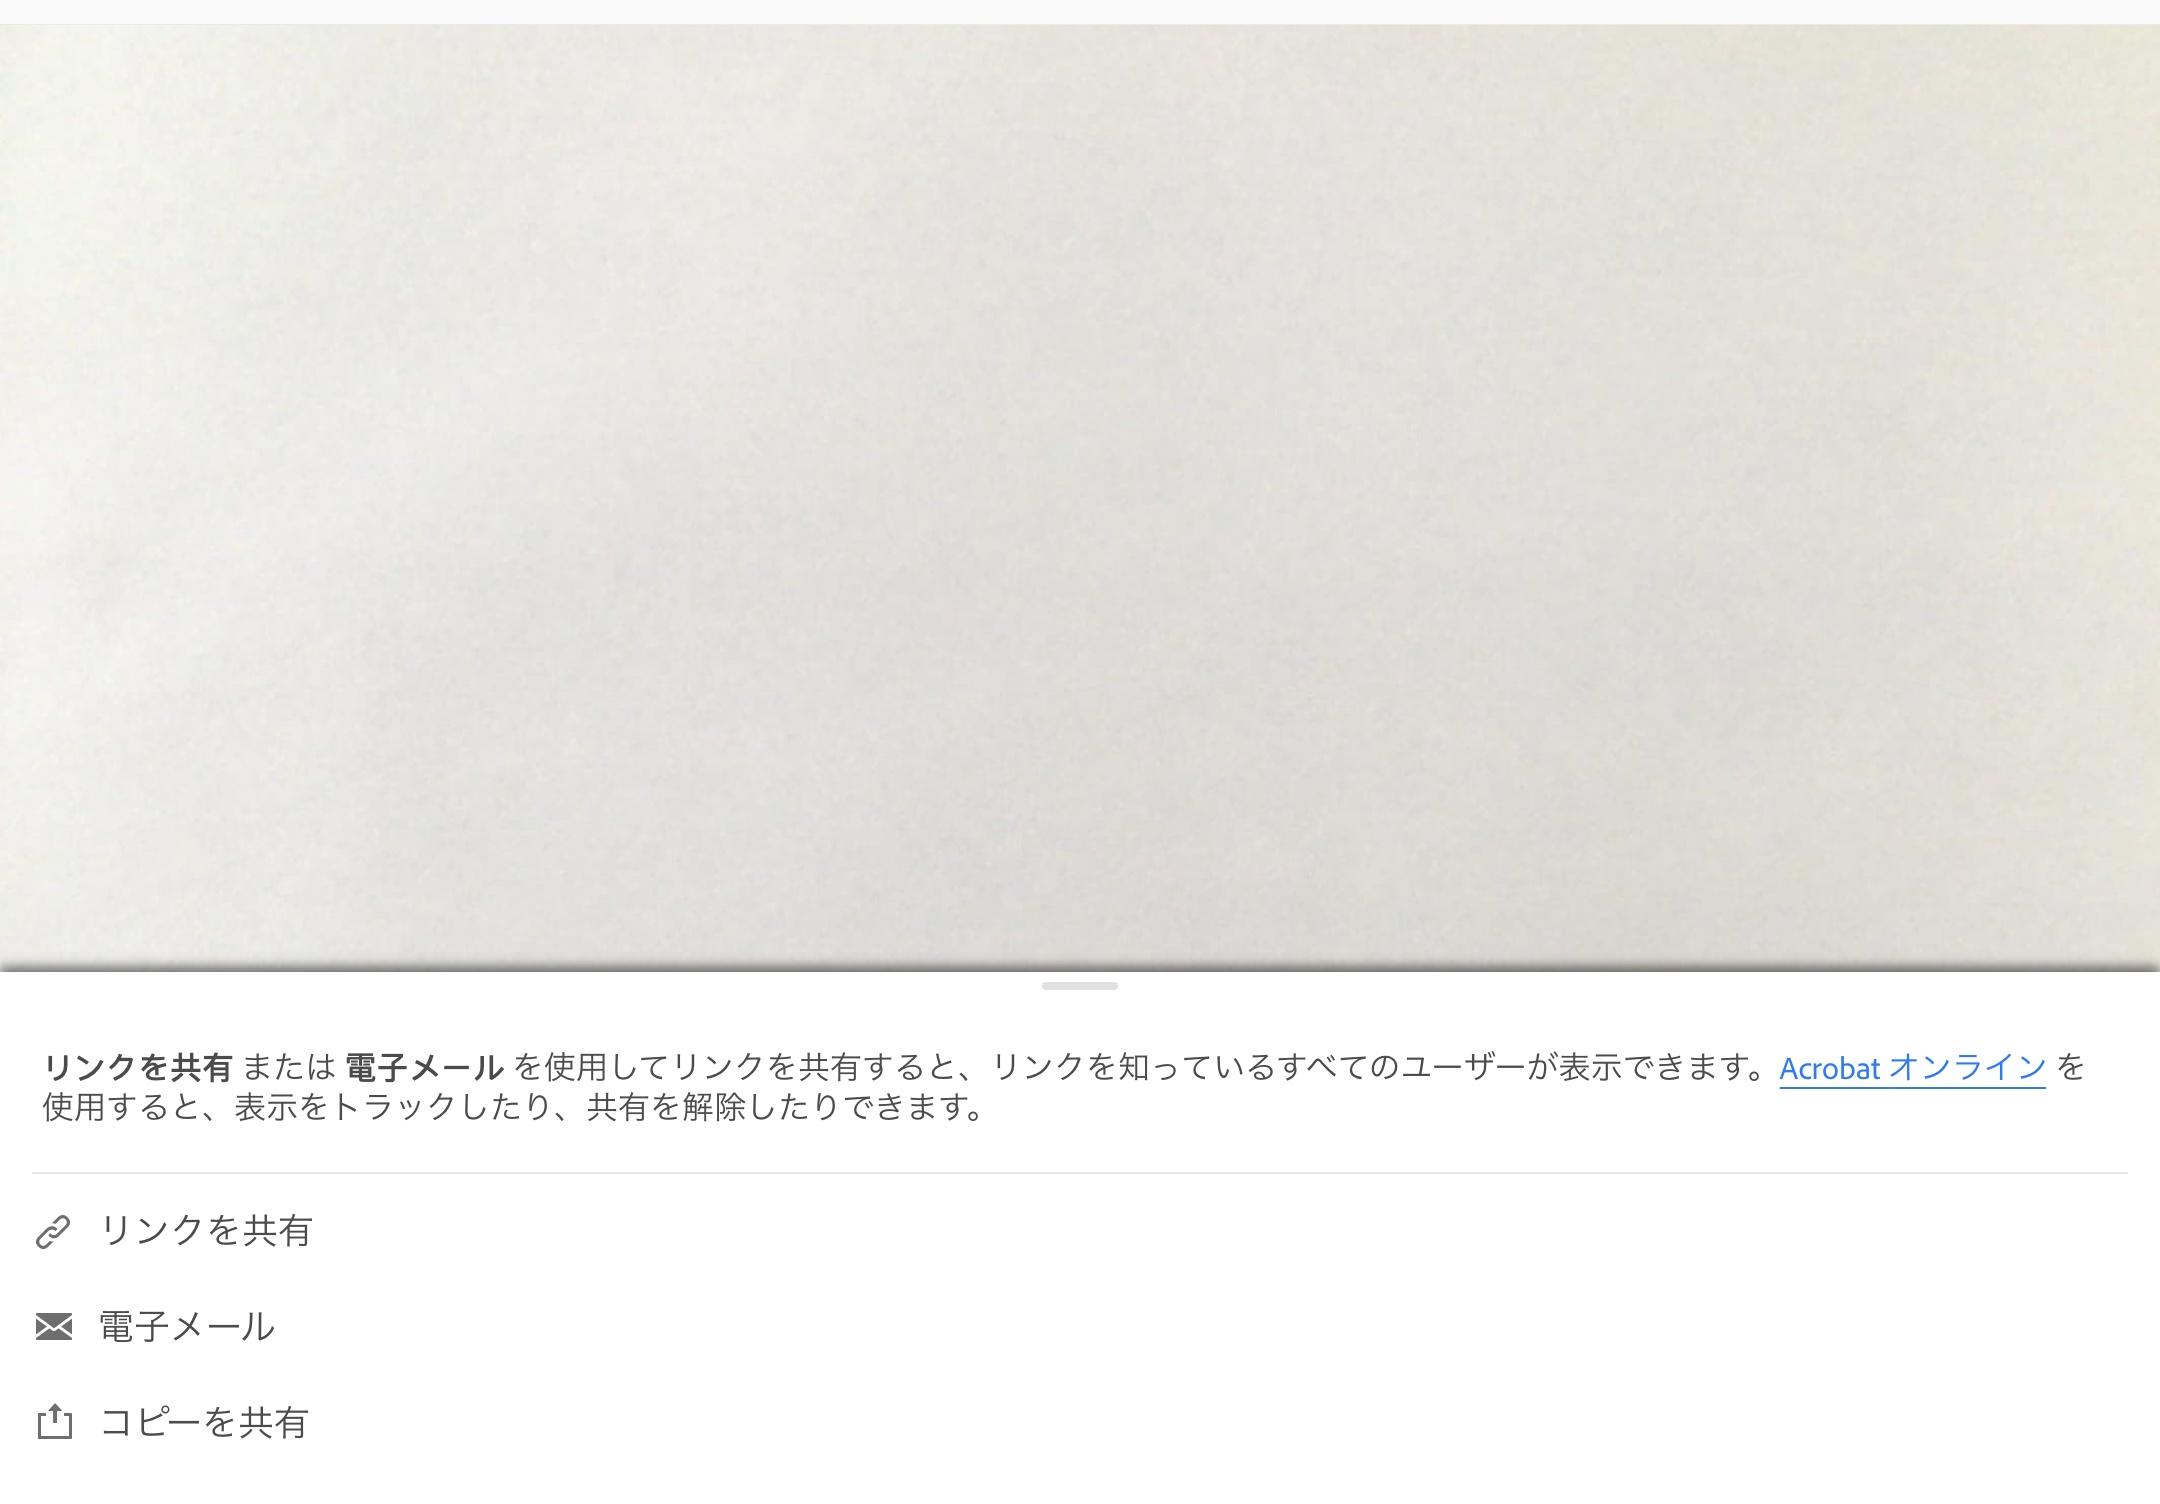 Adobe Scanのコピーを共有